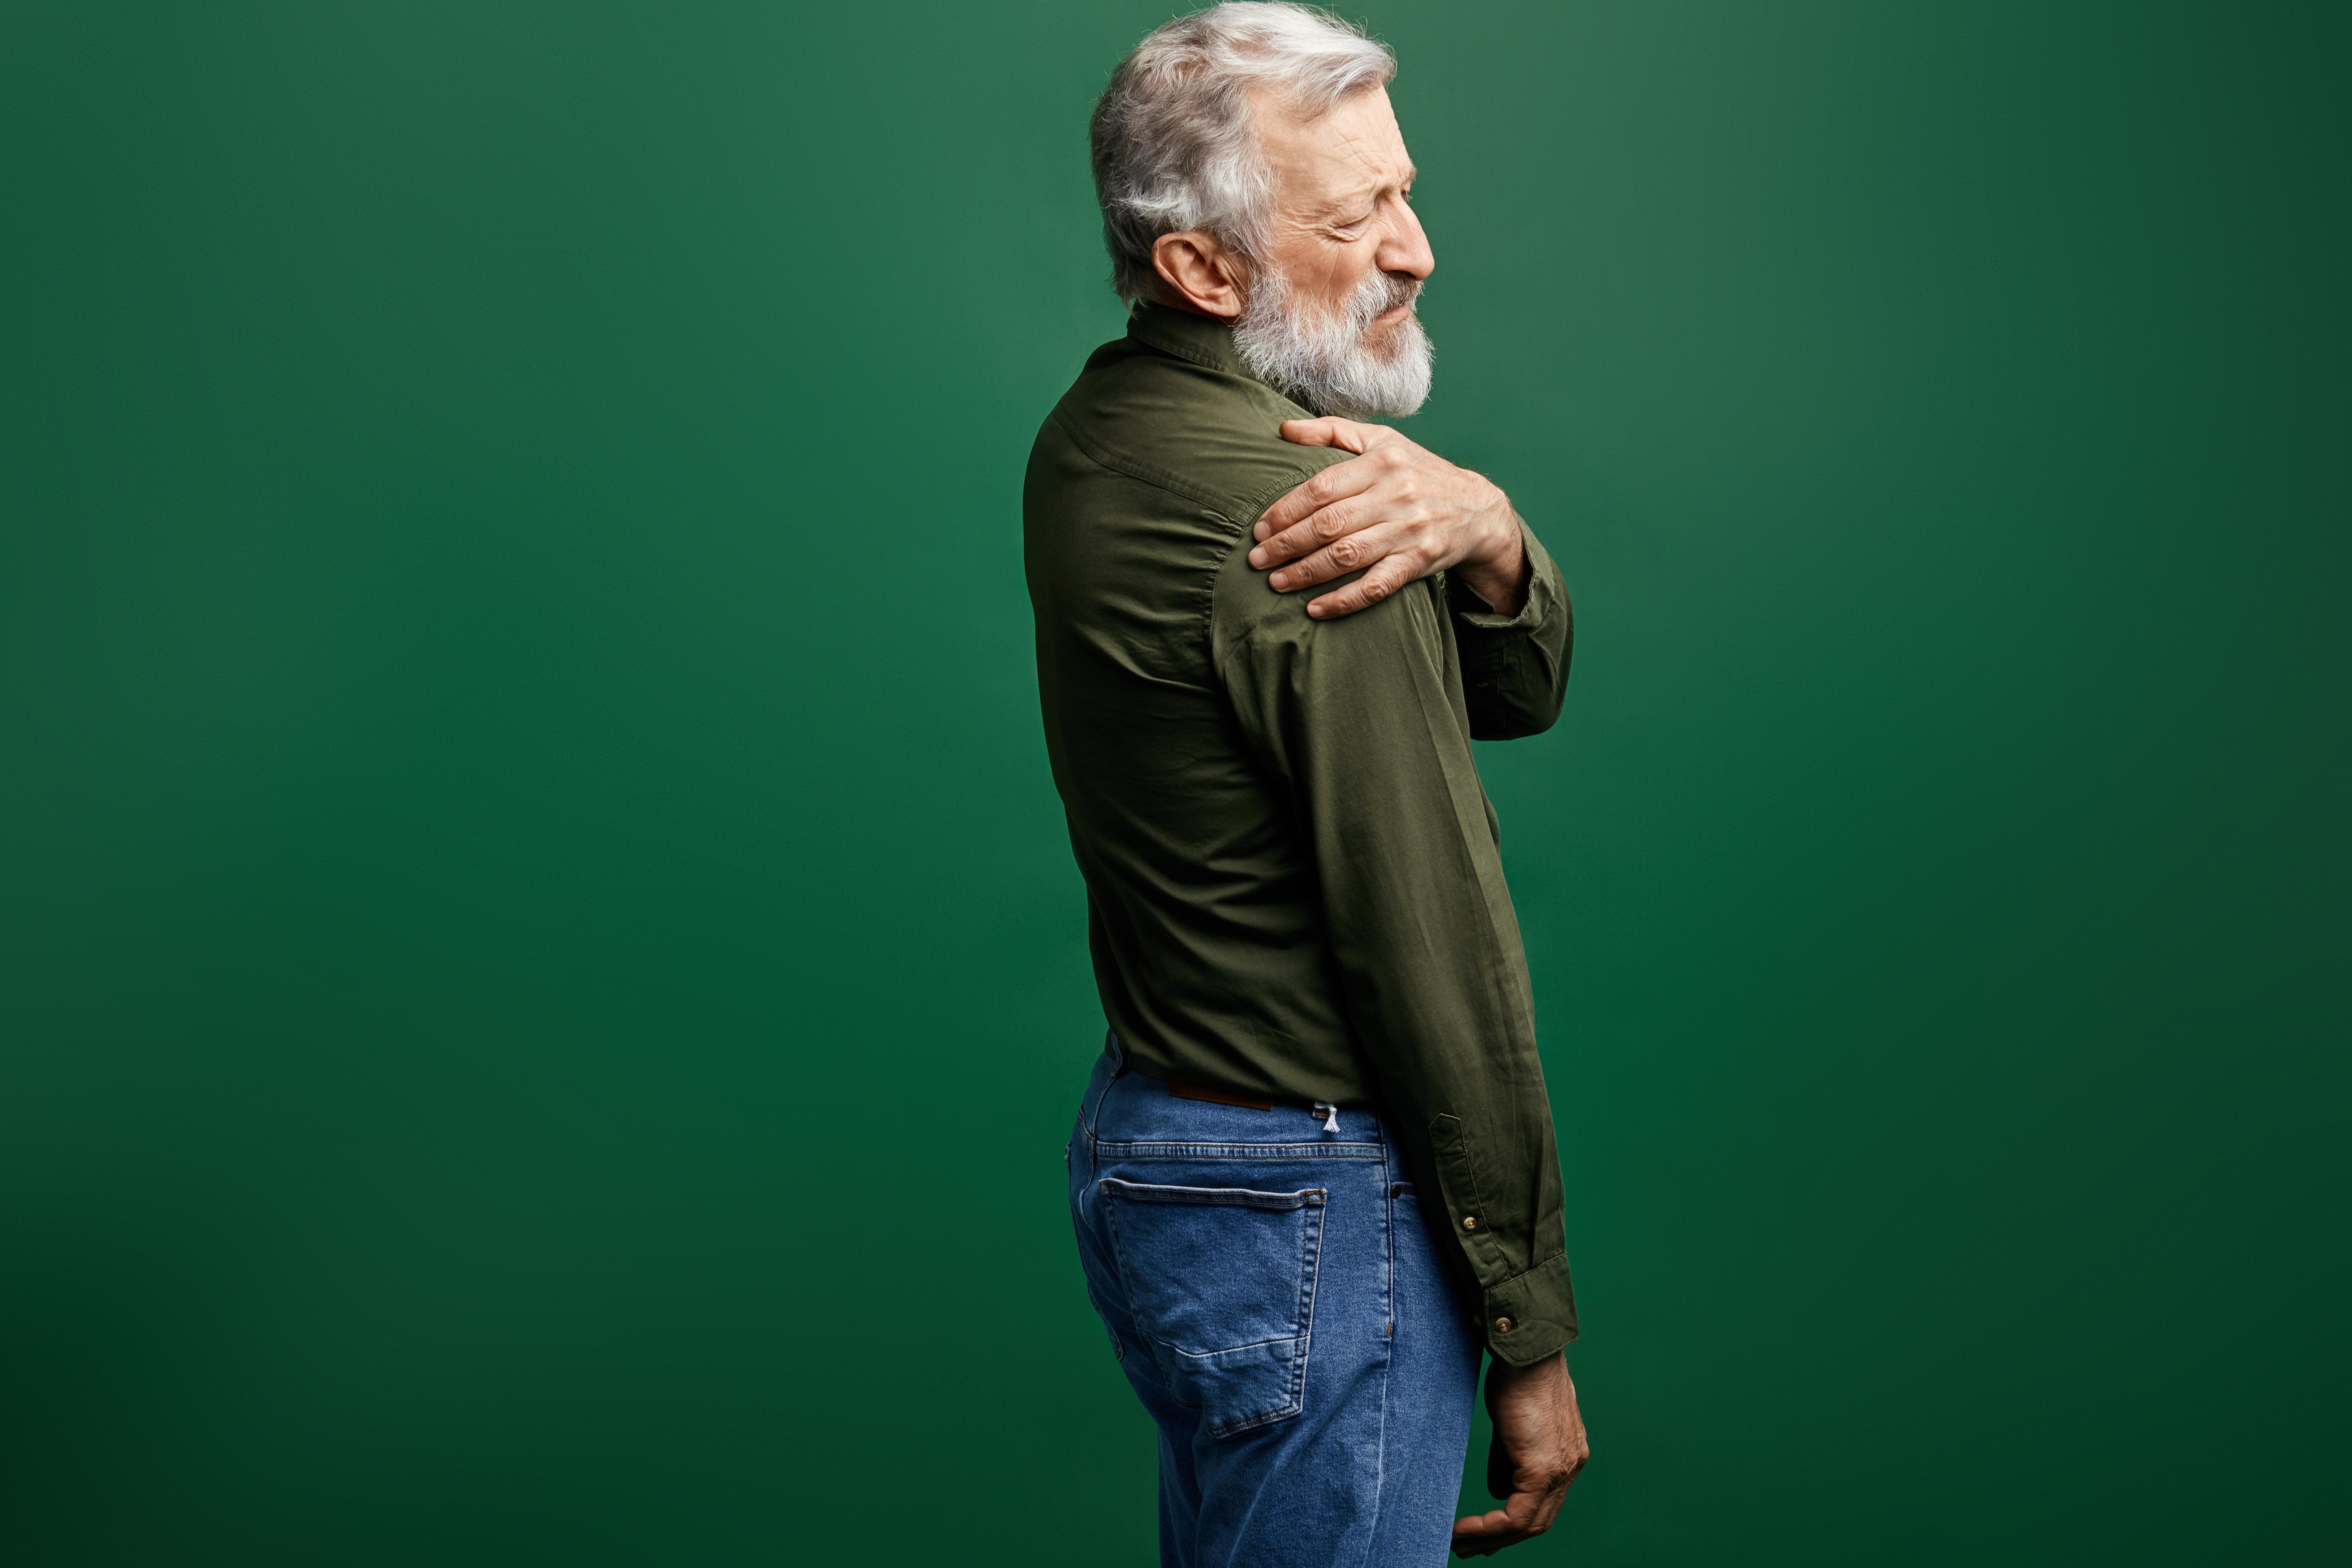 Symtomen vid bältros börjar ofta med upplevd smärta på ena sidan av kroppen.